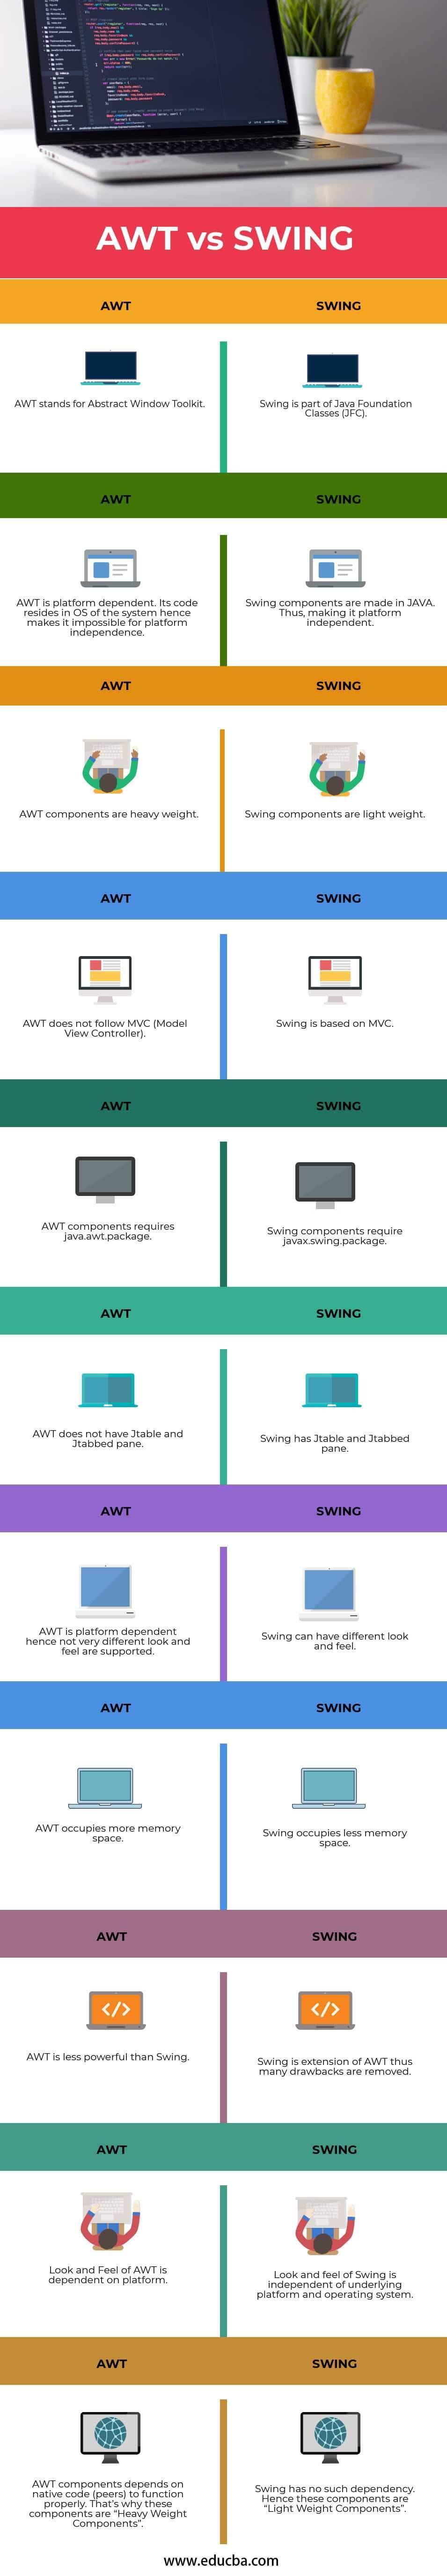 AWT-vs-SWING-info